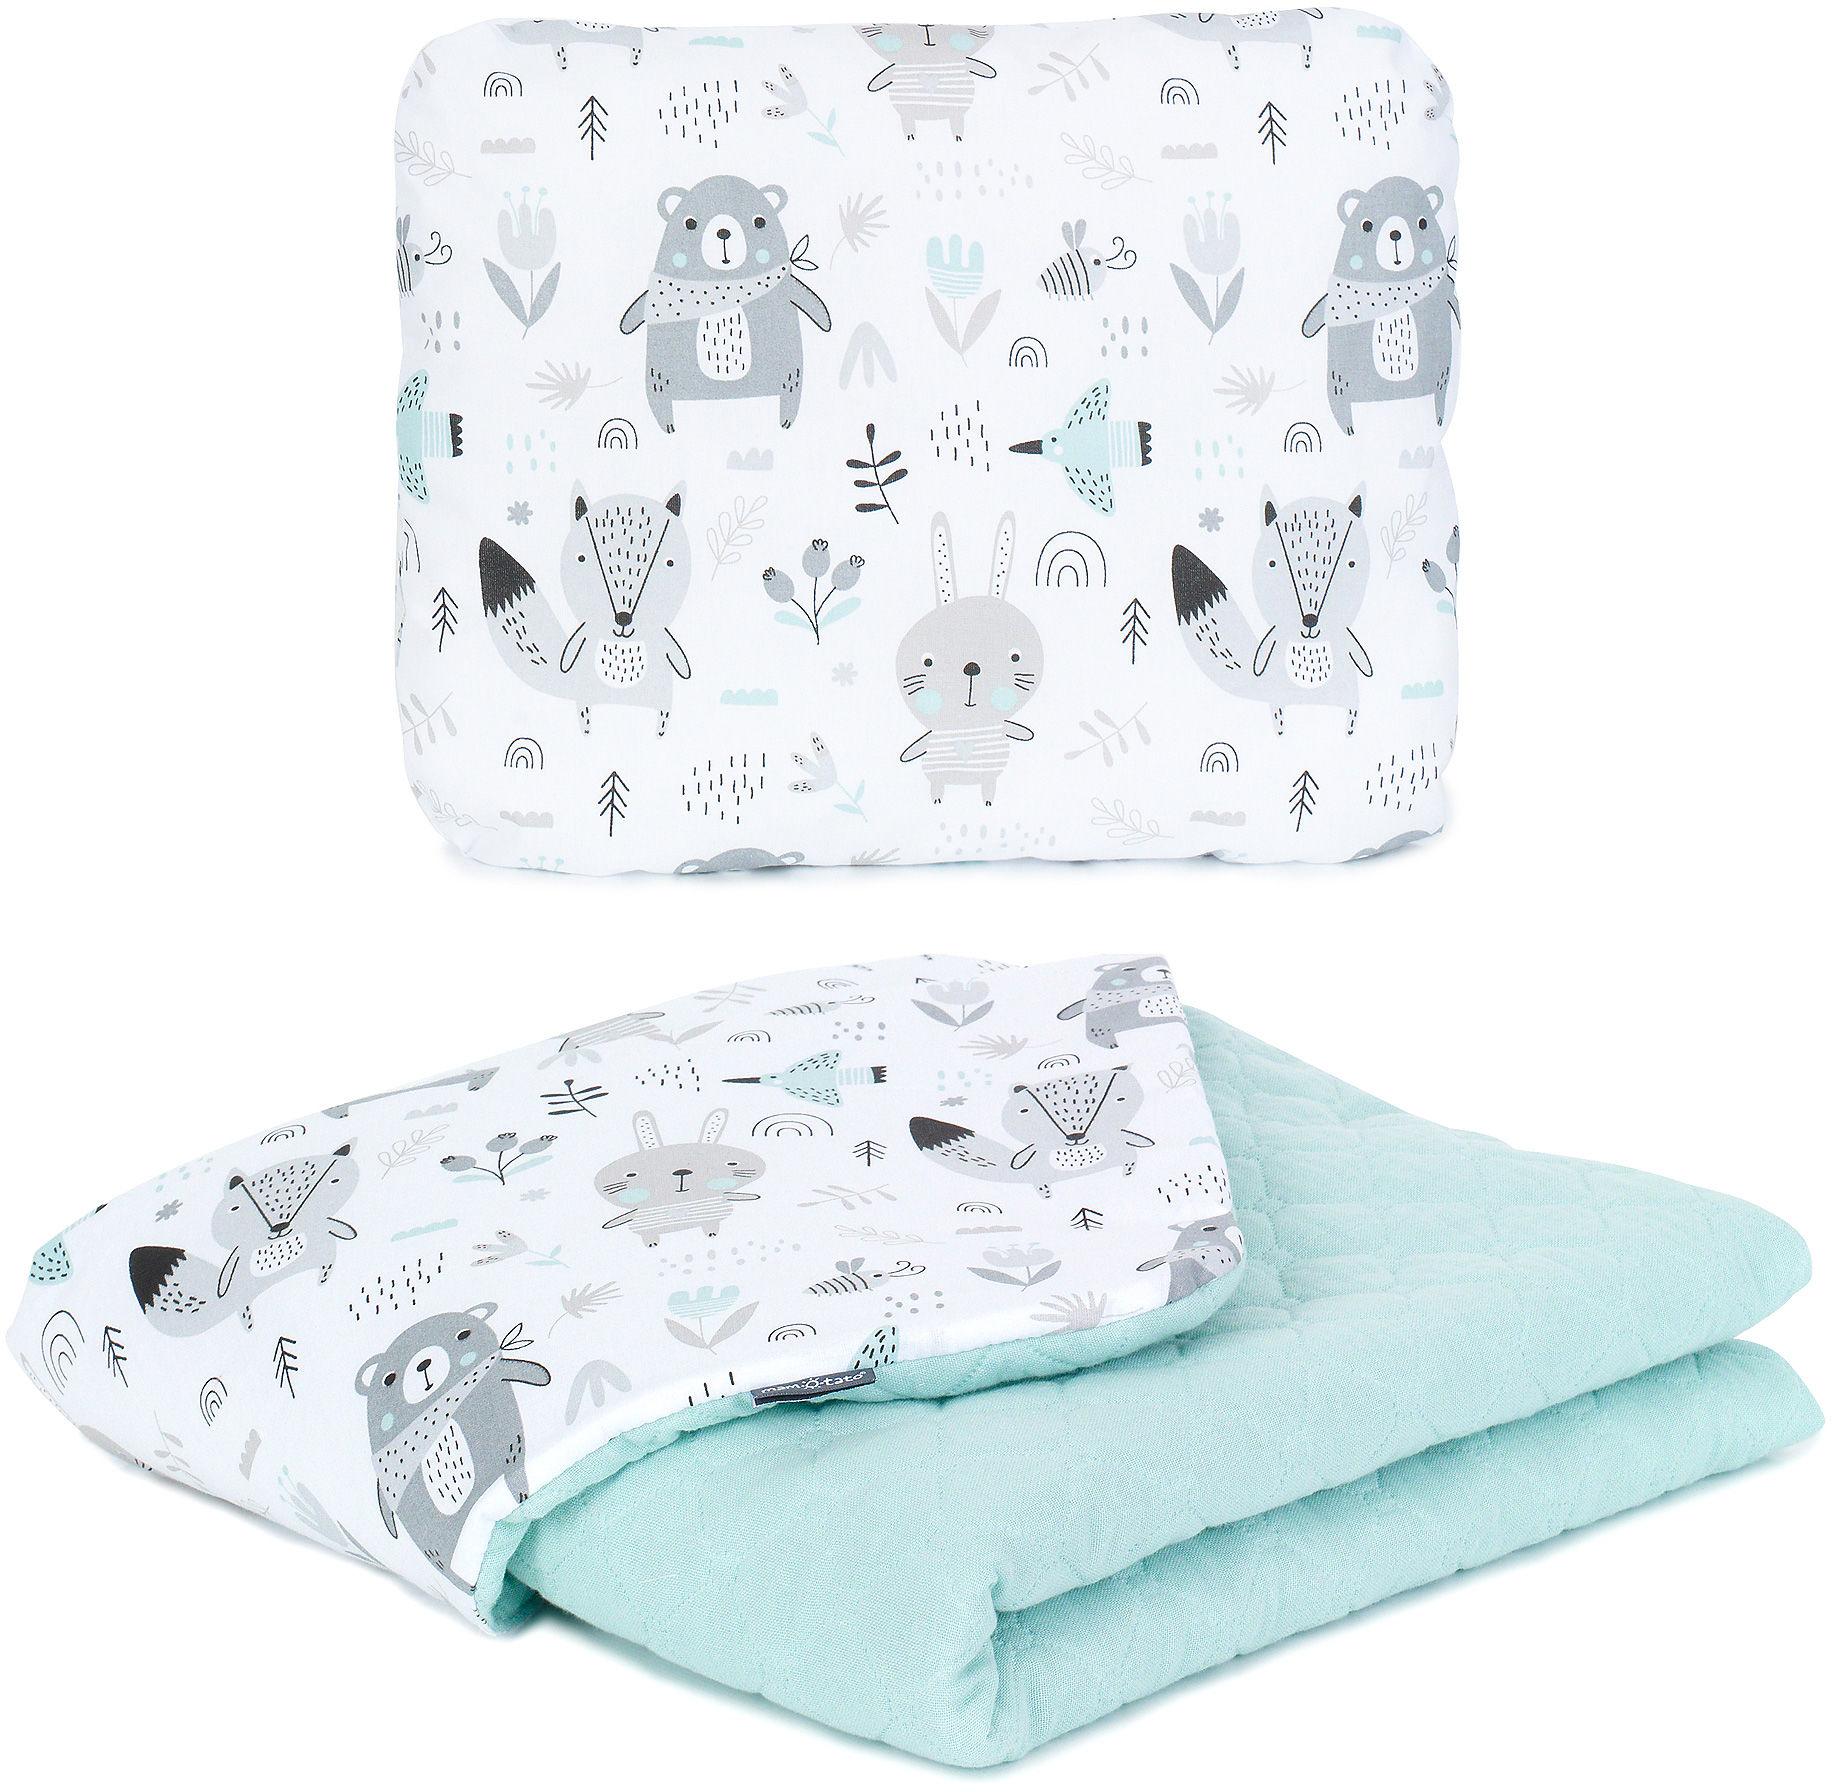 MAMO-TATO KOMPLET Kocyk dla dzieci i niemowląt 75x100 - MUŚLIN PIK + poduszka - Boho / jasna szałwia - ocieplony